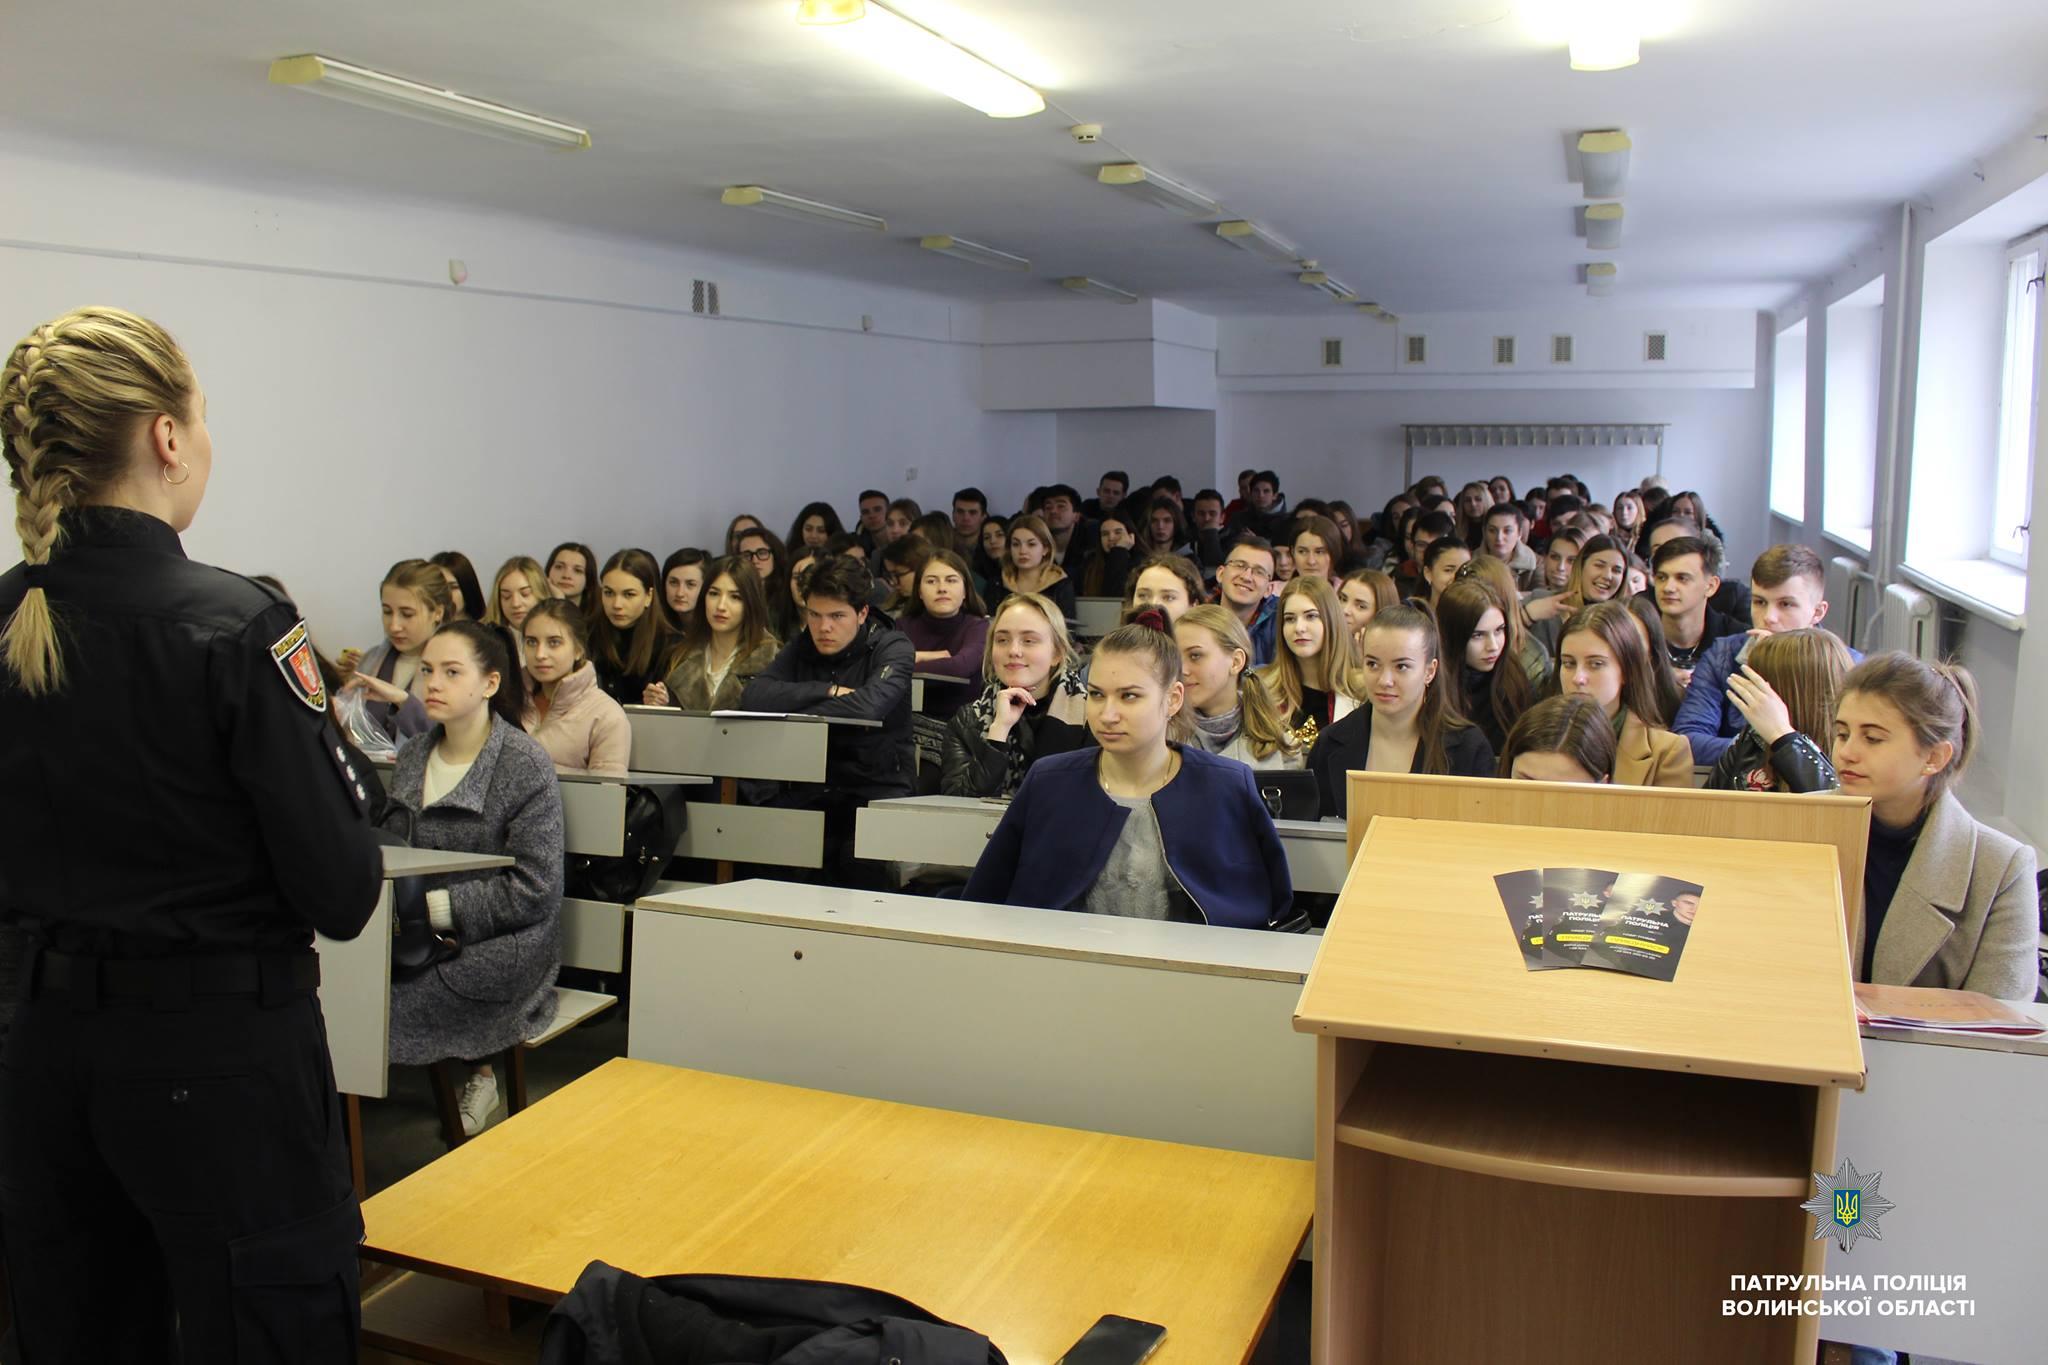 У Луцьку студентам розповіли про службу в патрульній поліції. ФОТО